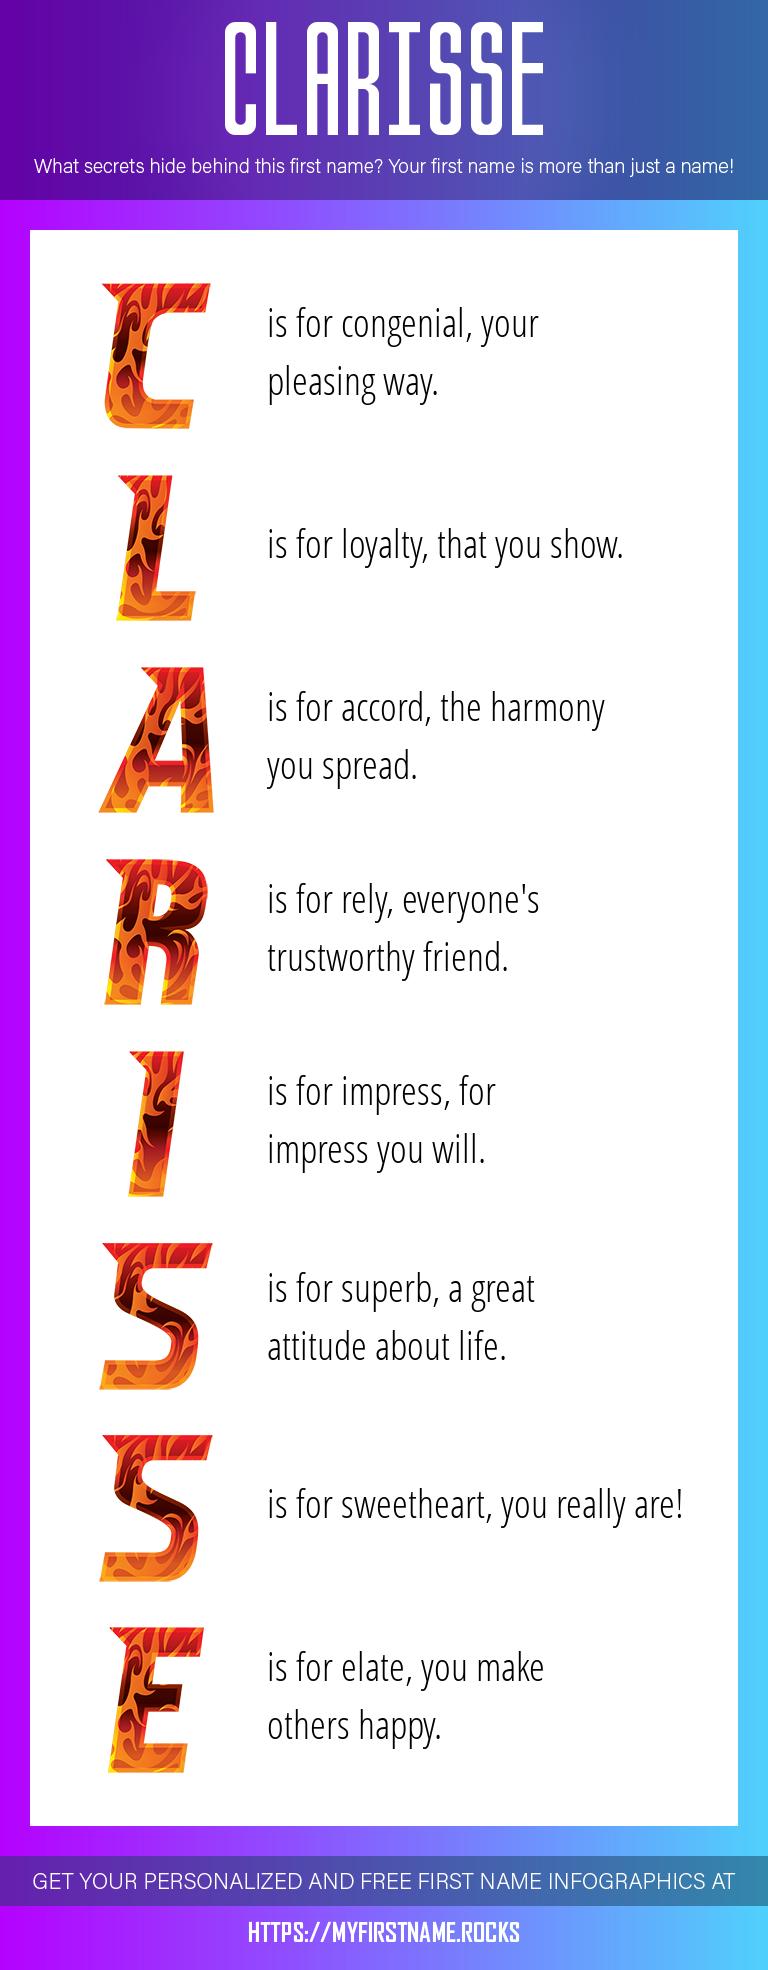 Clarisse Infographics